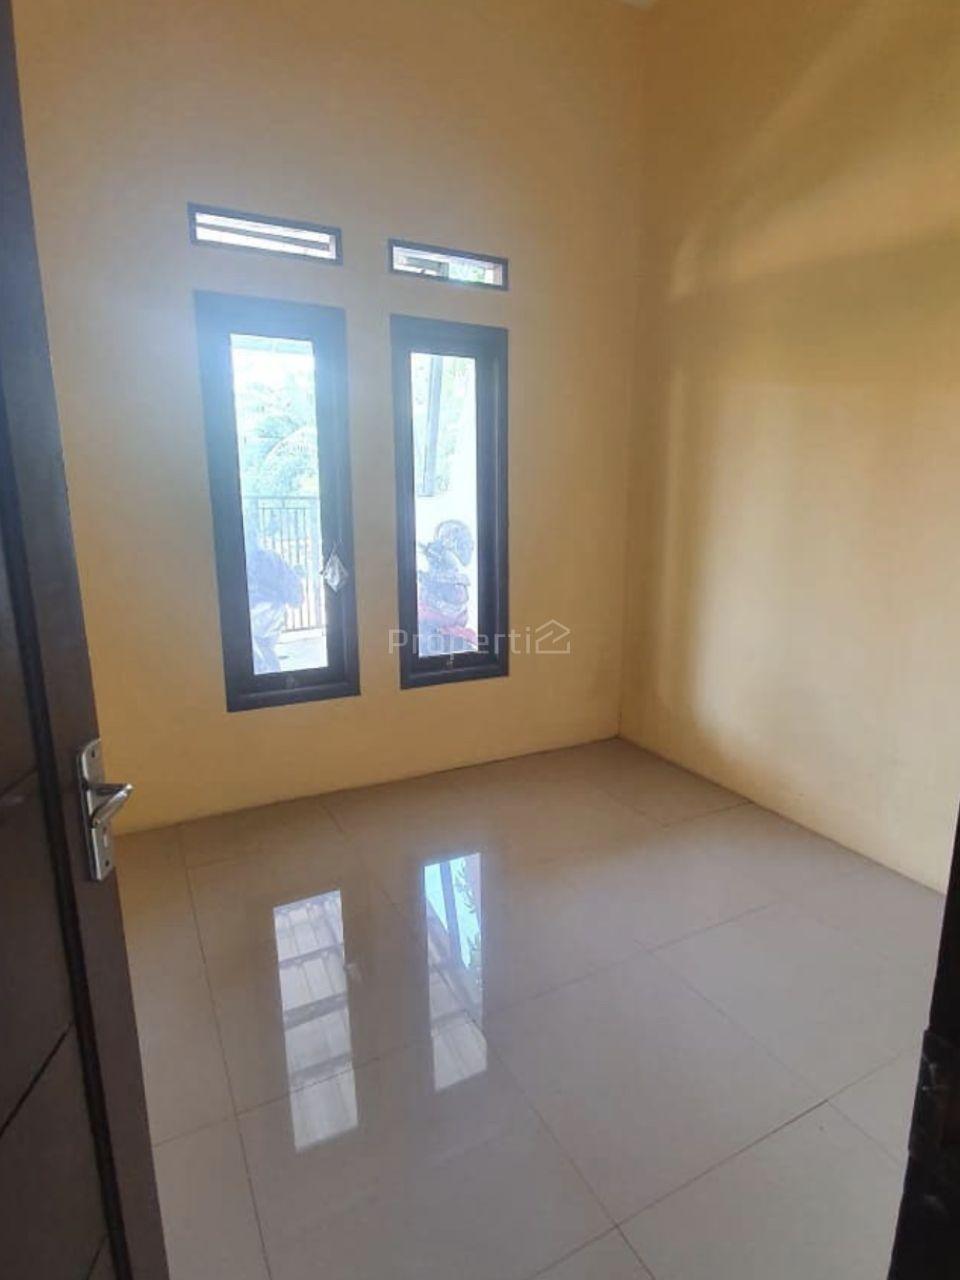 Rumah Baru di Cilodong, Kota Depok, Kota Depok